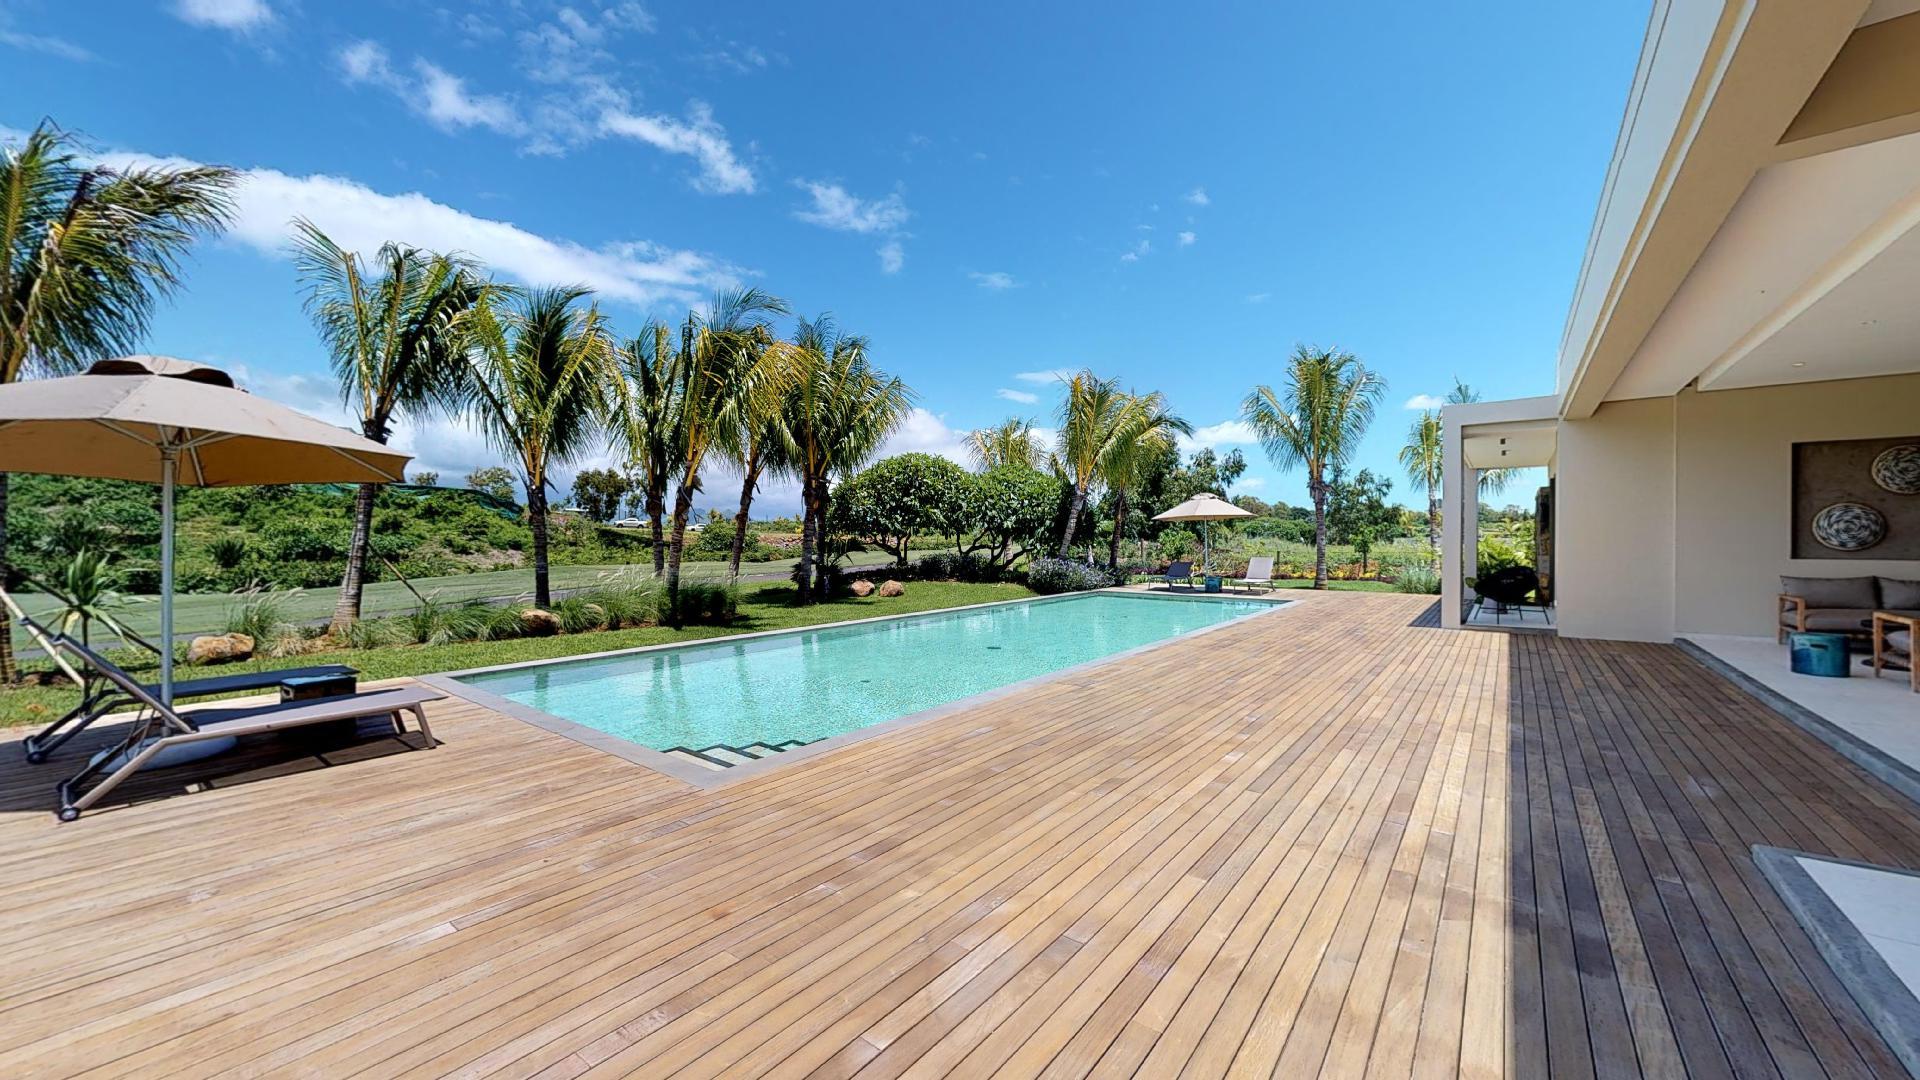 Villas sur plan à partir de 1,280,000€ Choisissez la signature architecturale